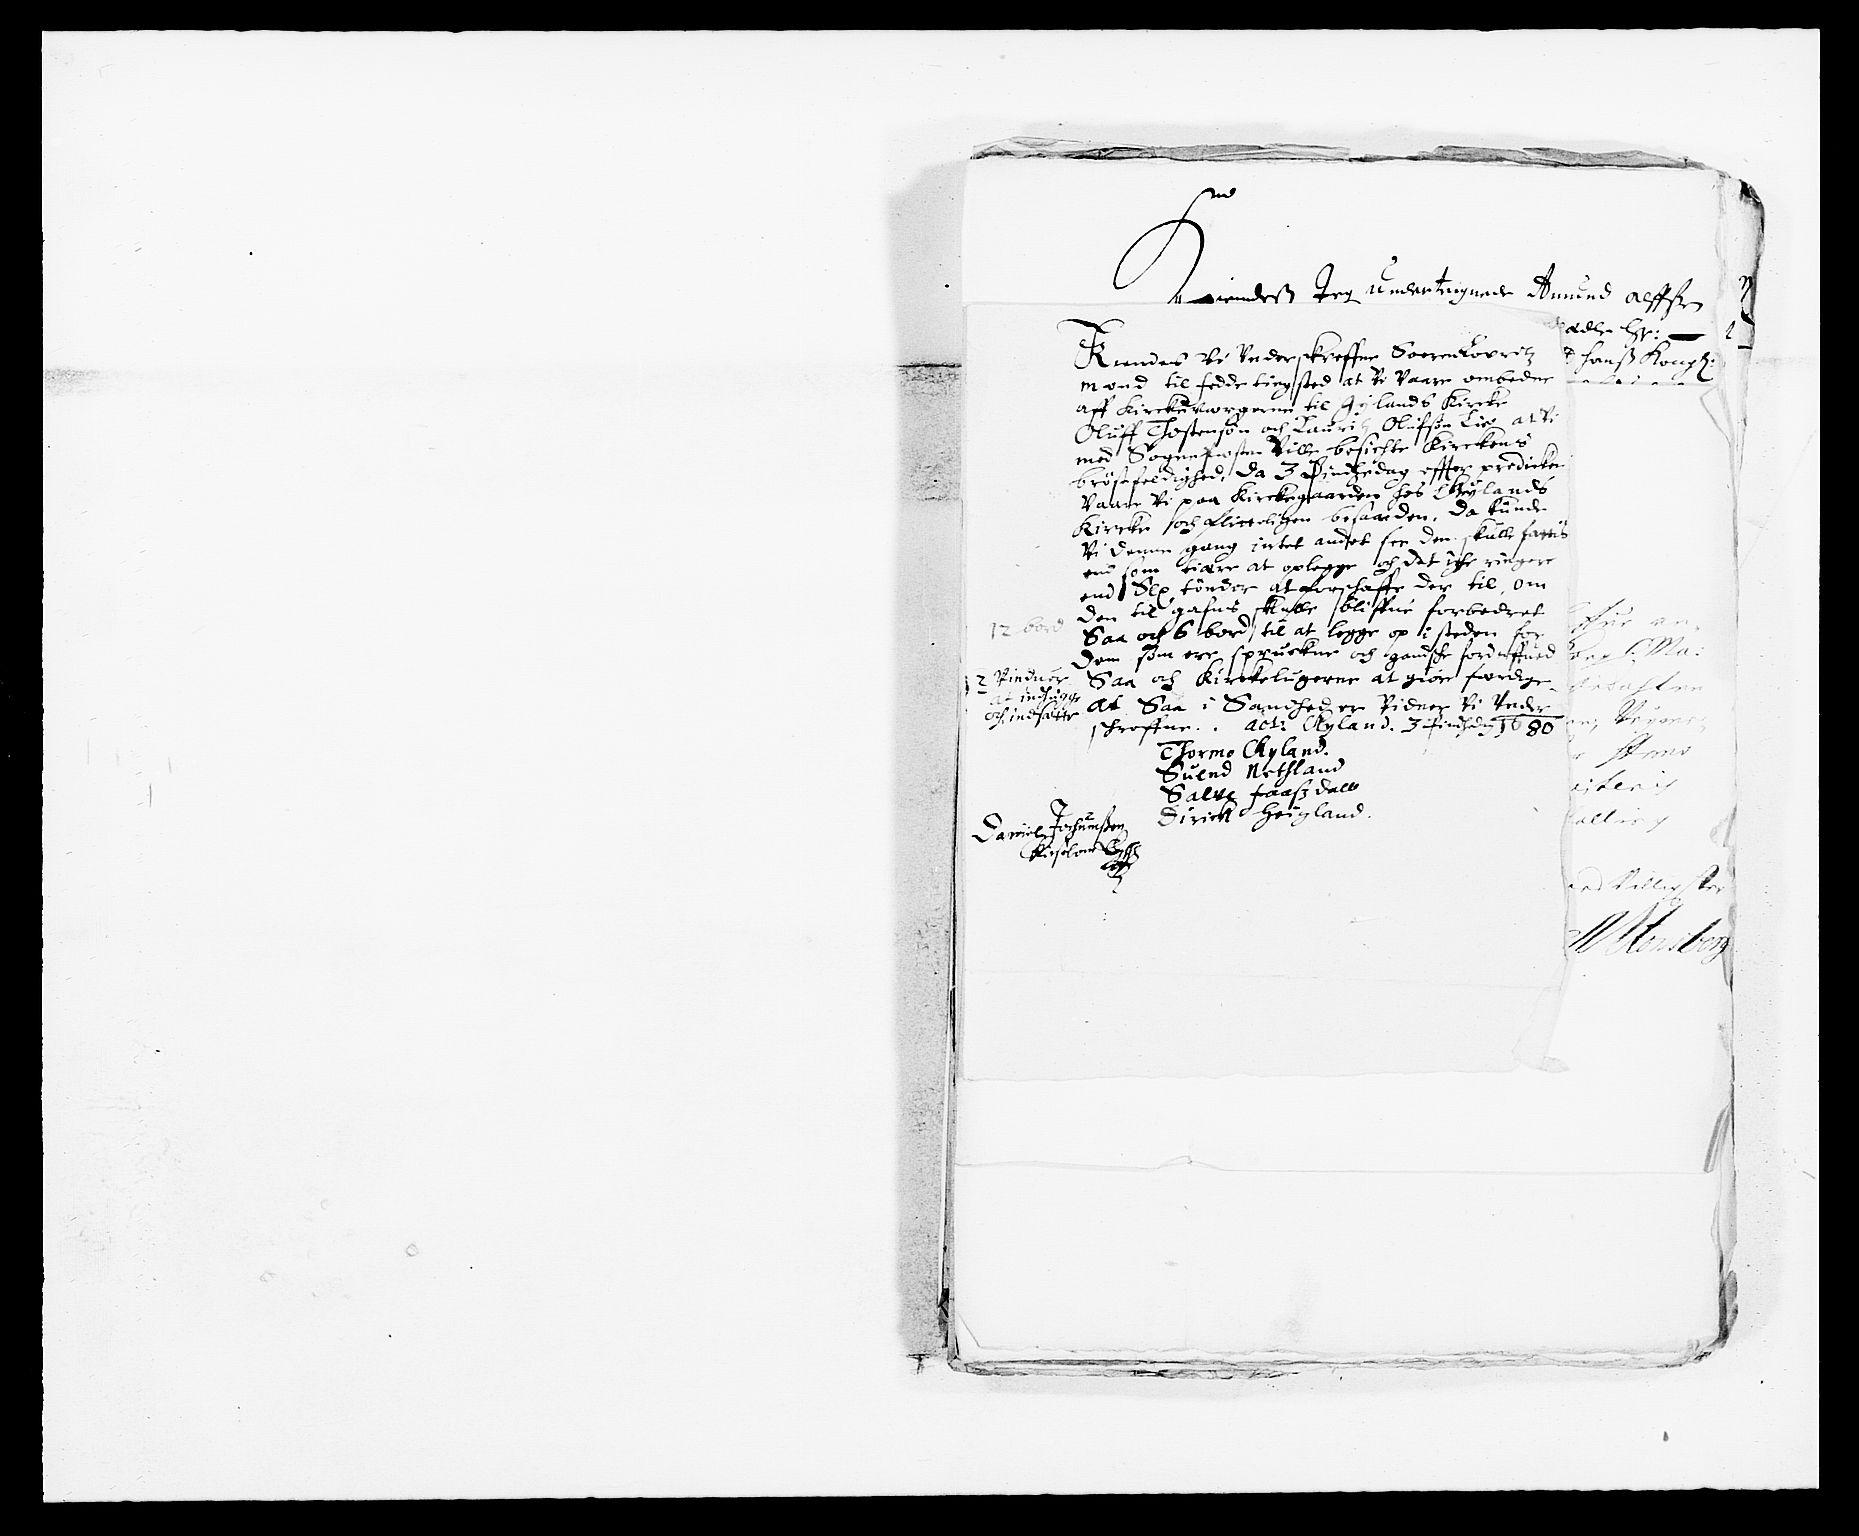 RA, Rentekammeret inntil 1814, Reviderte regnskaper, Fogderegnskap, R13/L0813: Fogderegnskap Solør, Odal og Østerdal, 1677, s. 262